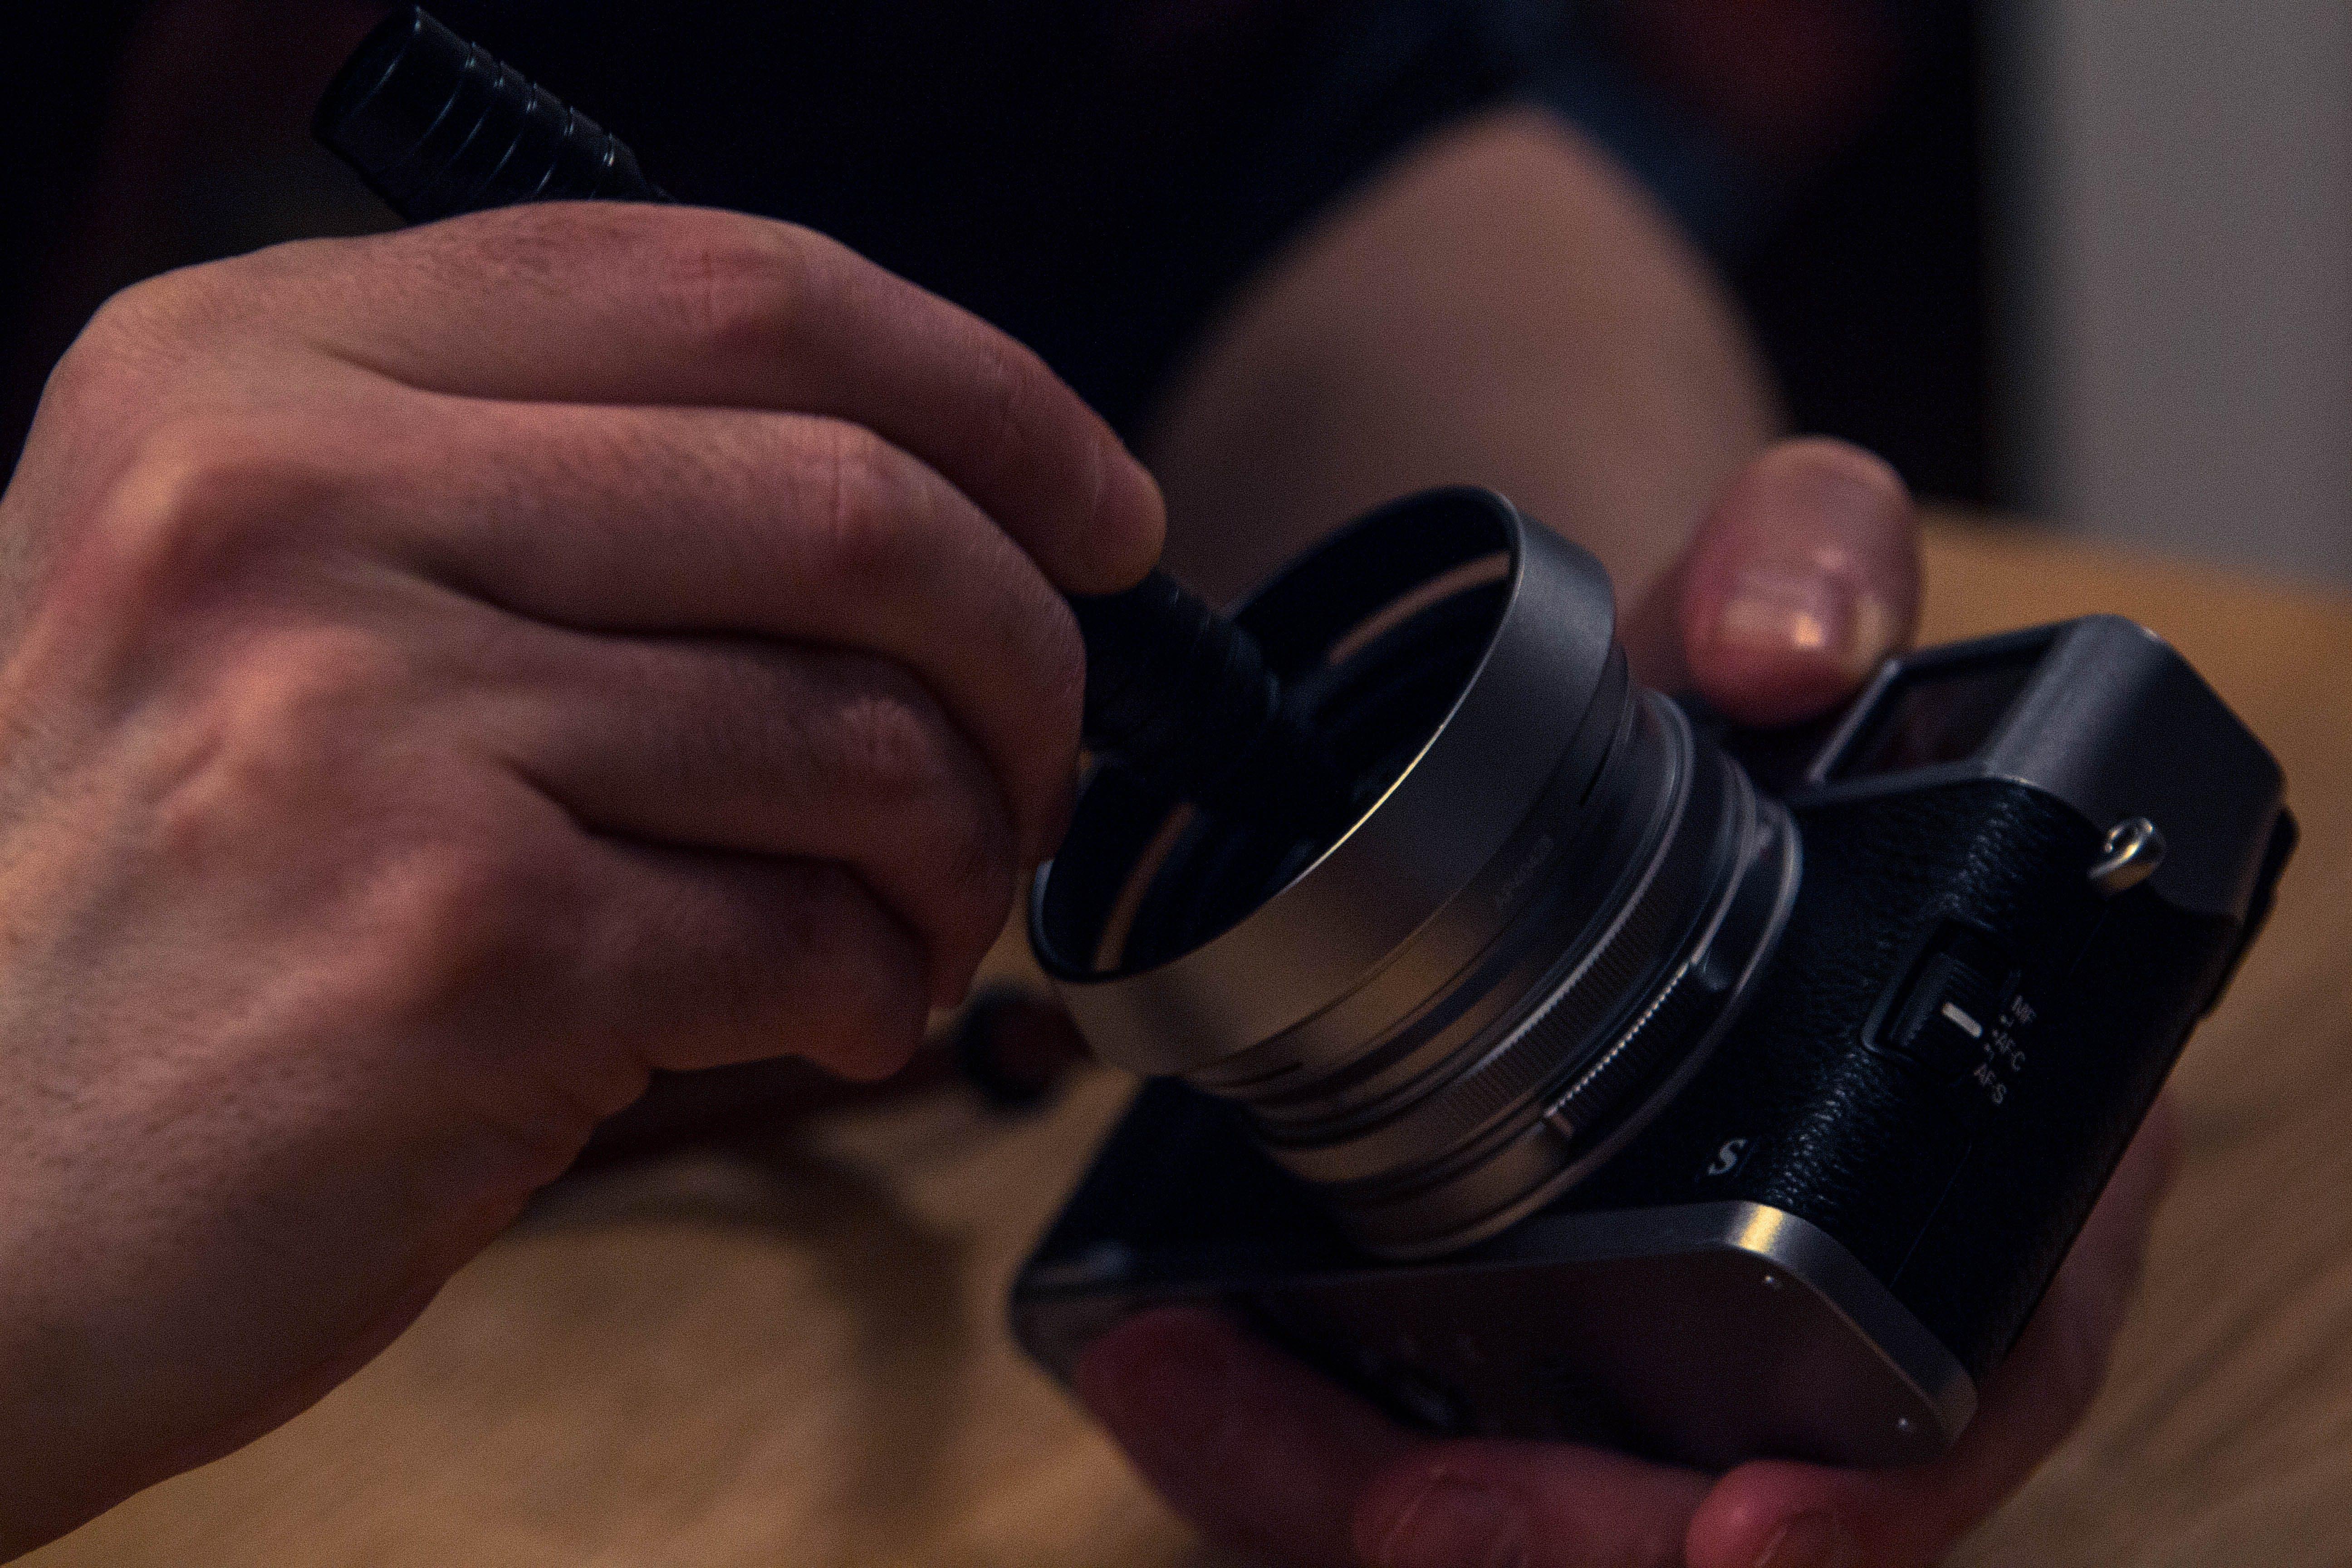 Kostnadsfri bild av hand, kamera, lins, städa